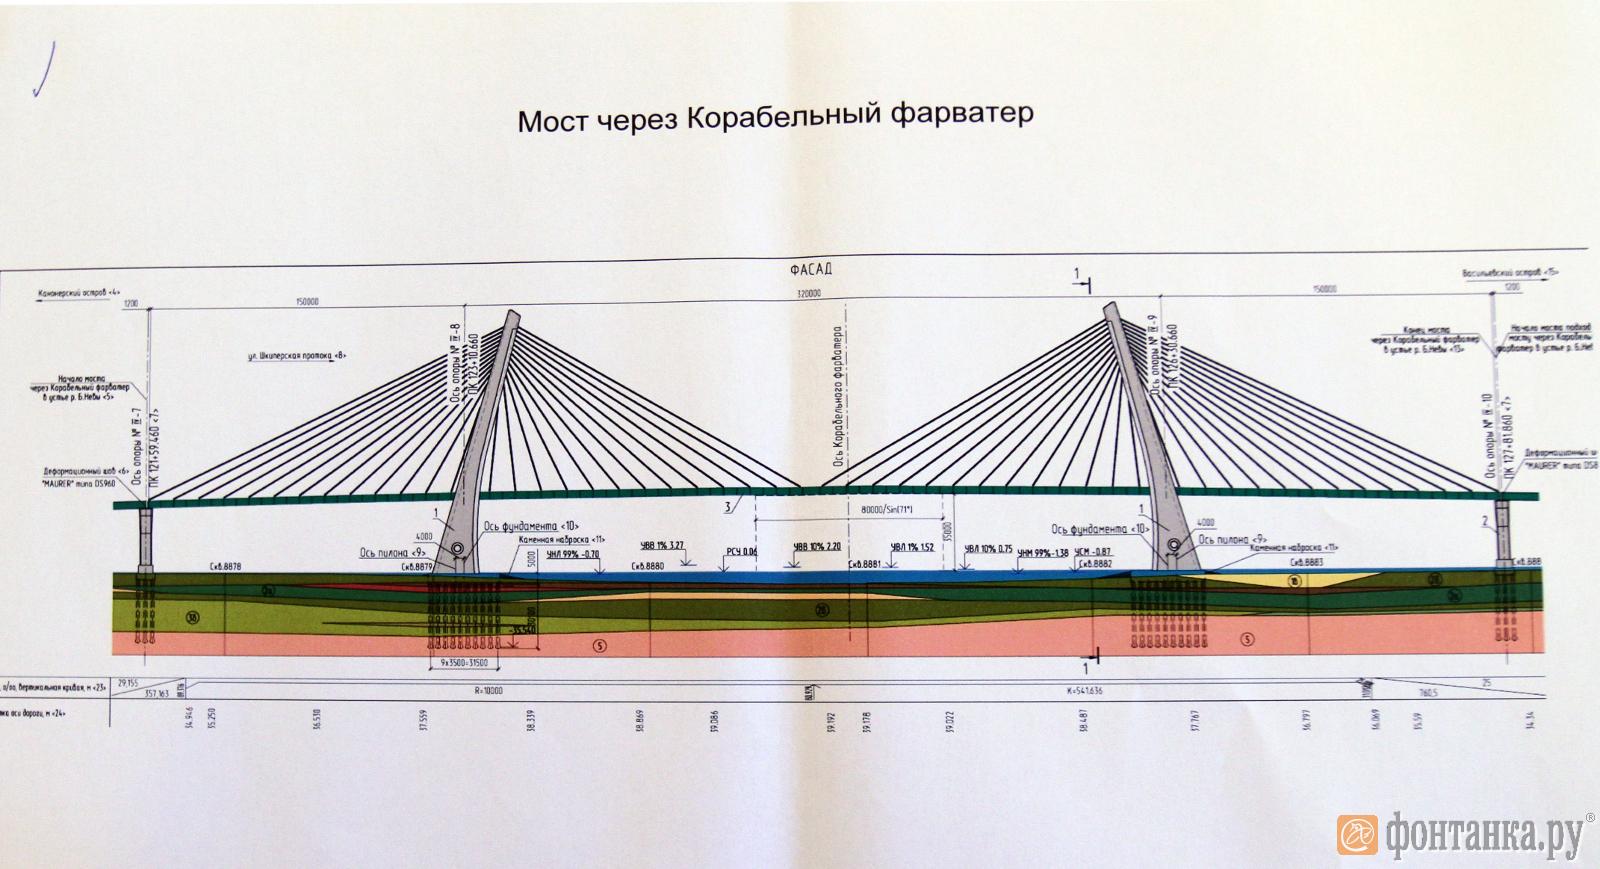 Мост через Корабельный фарватер